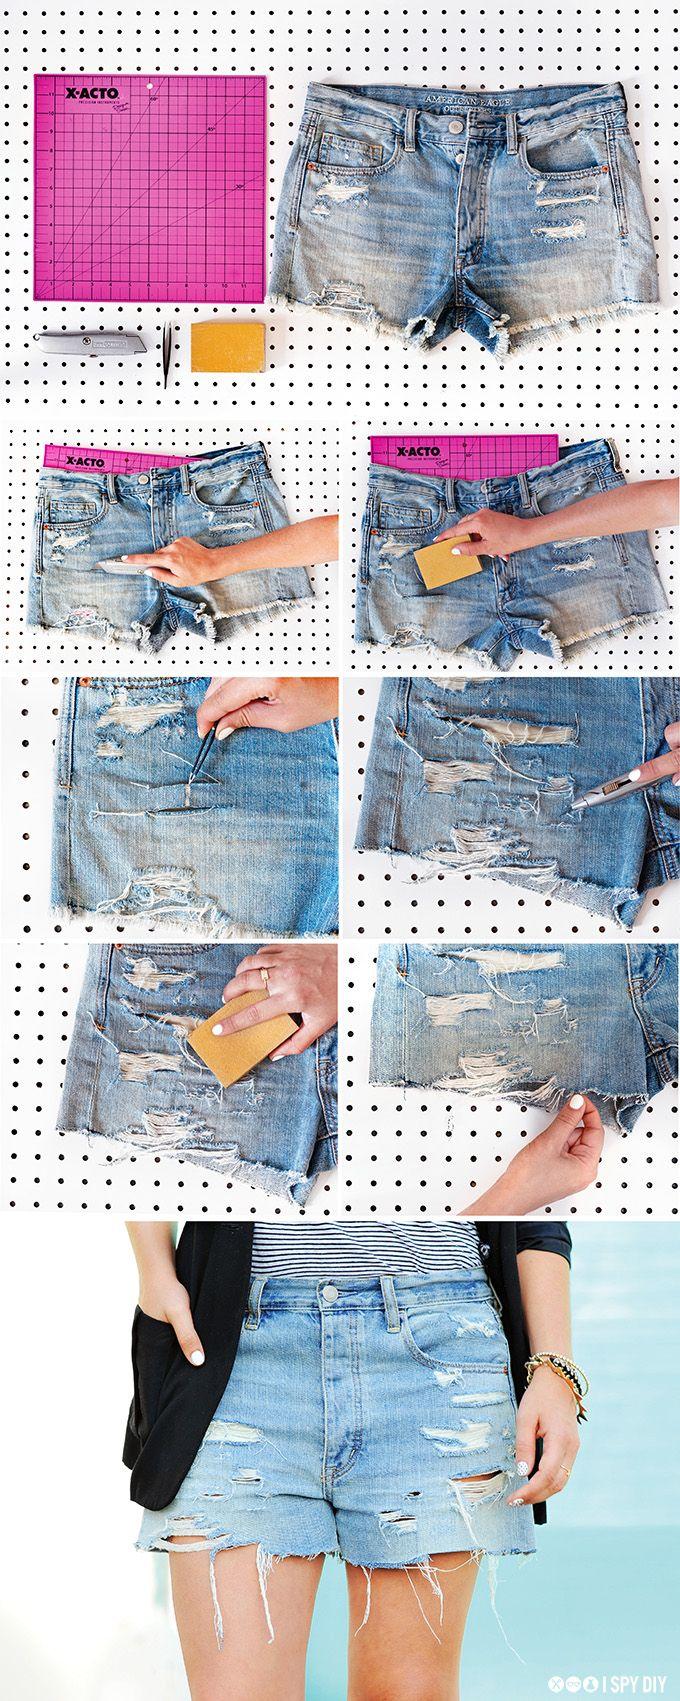 Как сделать рваные шорты: фотомастер класс